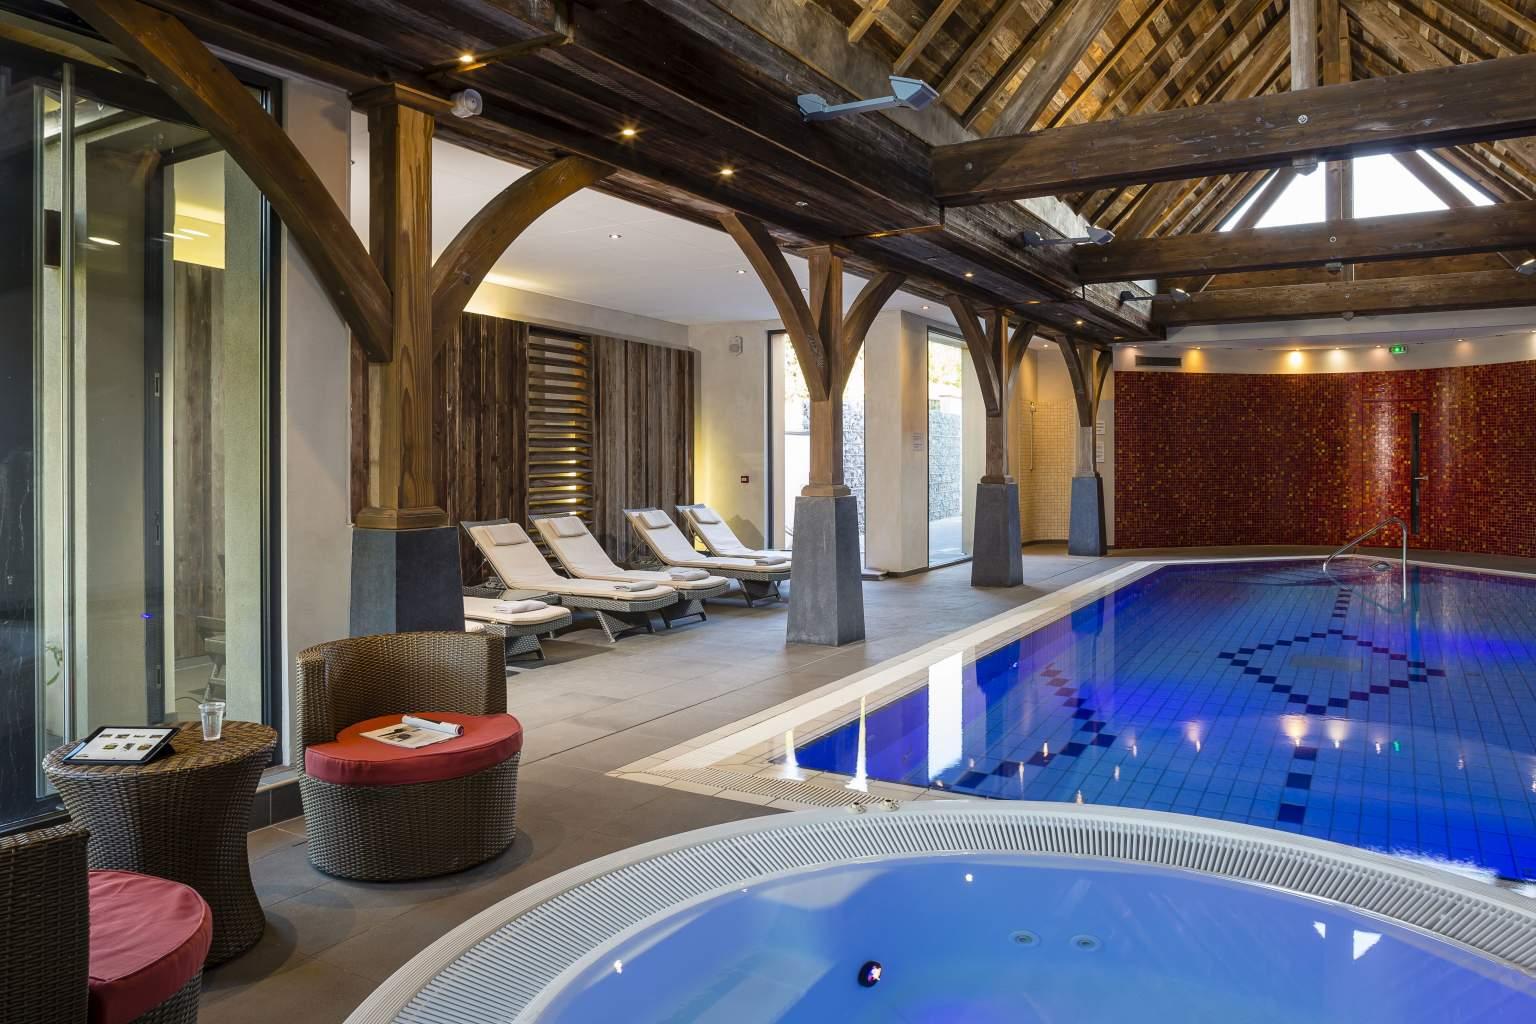 Hôtel Spa Le Parc à Saint Hippolyte en Alsace - Hotel Piscine Spa en Alsace